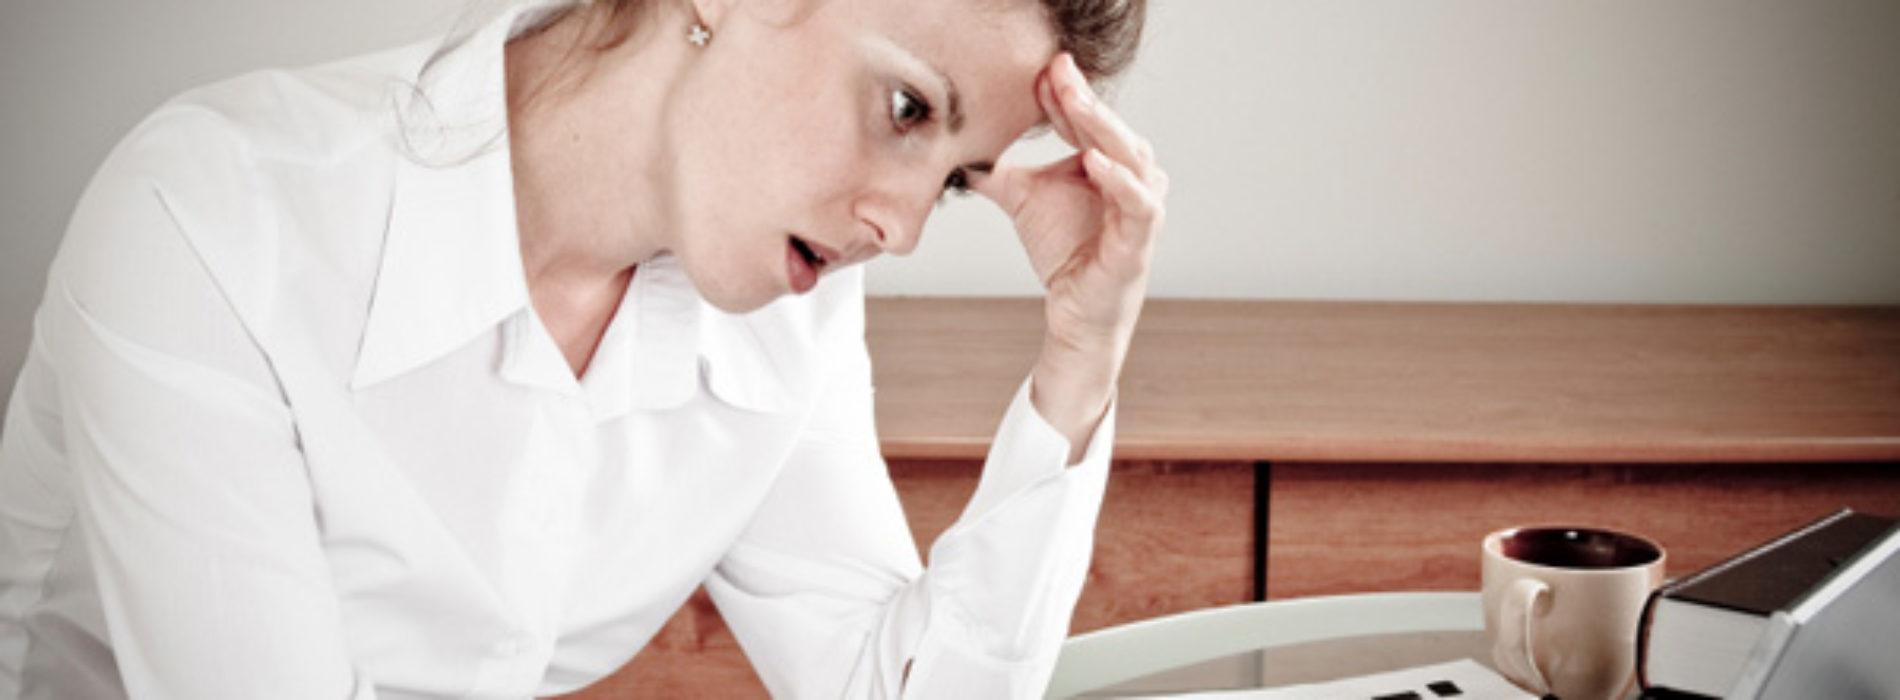 Nerwica lękowa – jak sobie pomóc